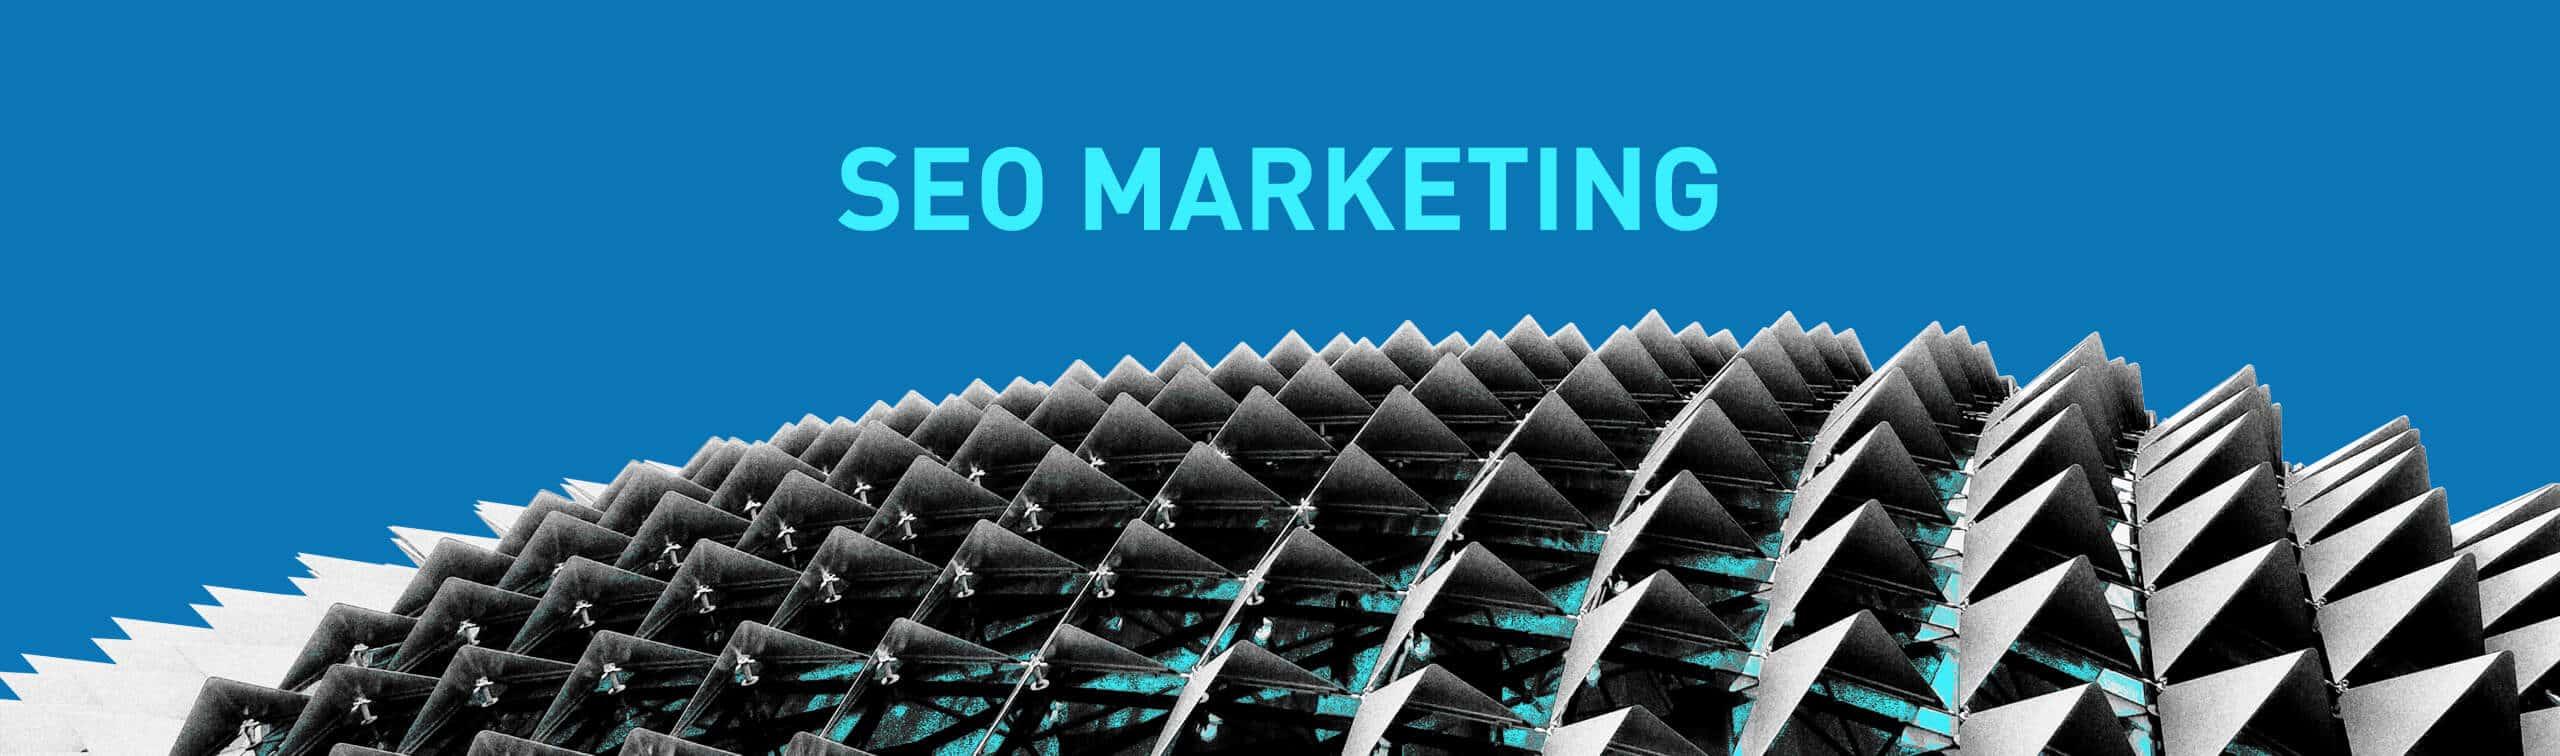 SEO Marketing und der Marketing Mix